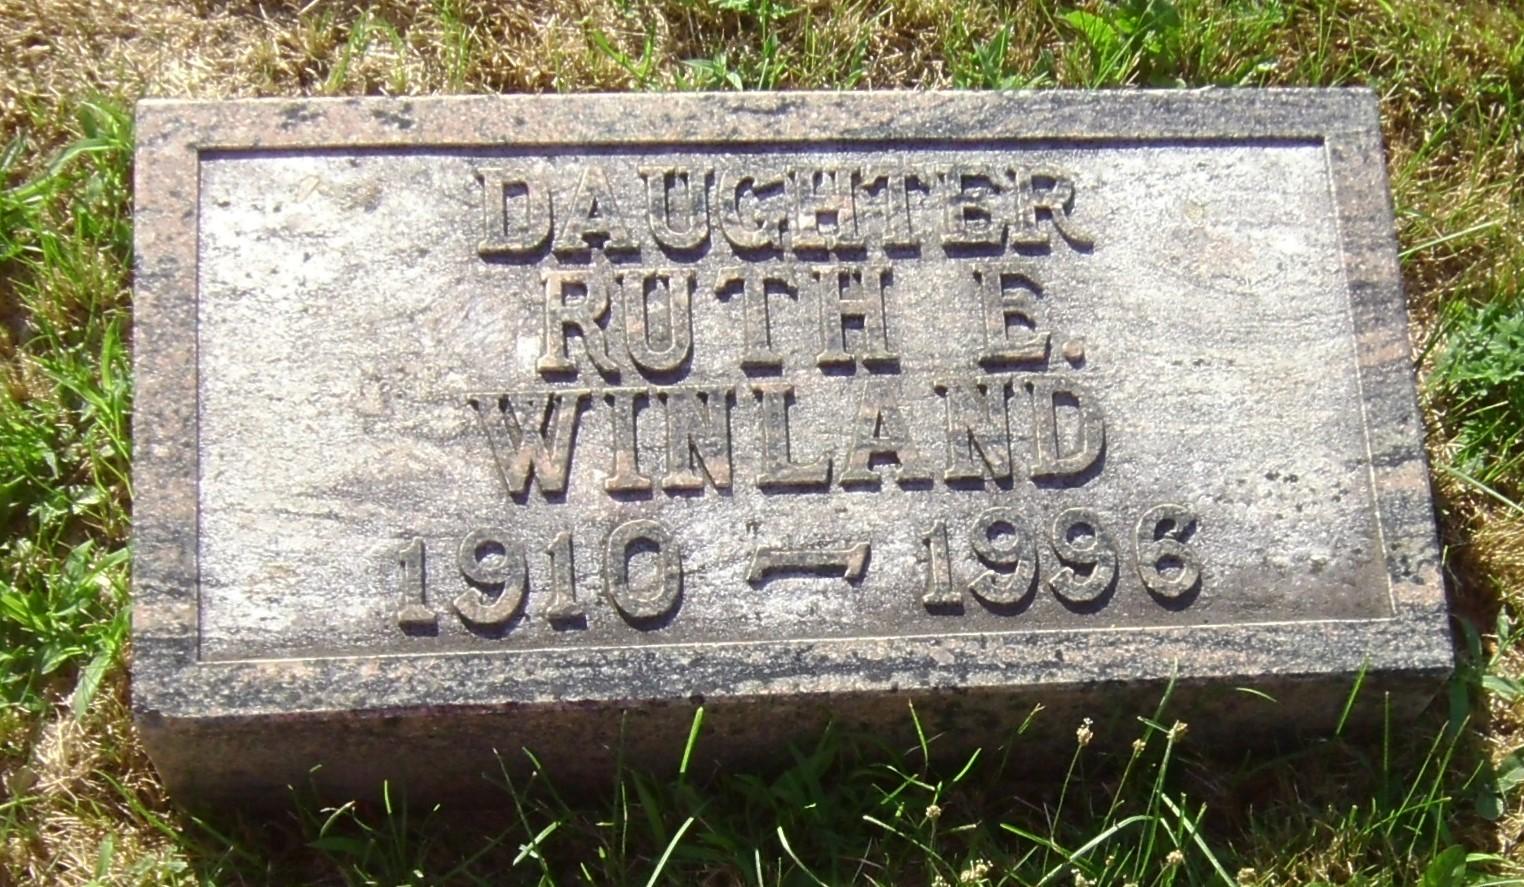 Ruth E. Winland